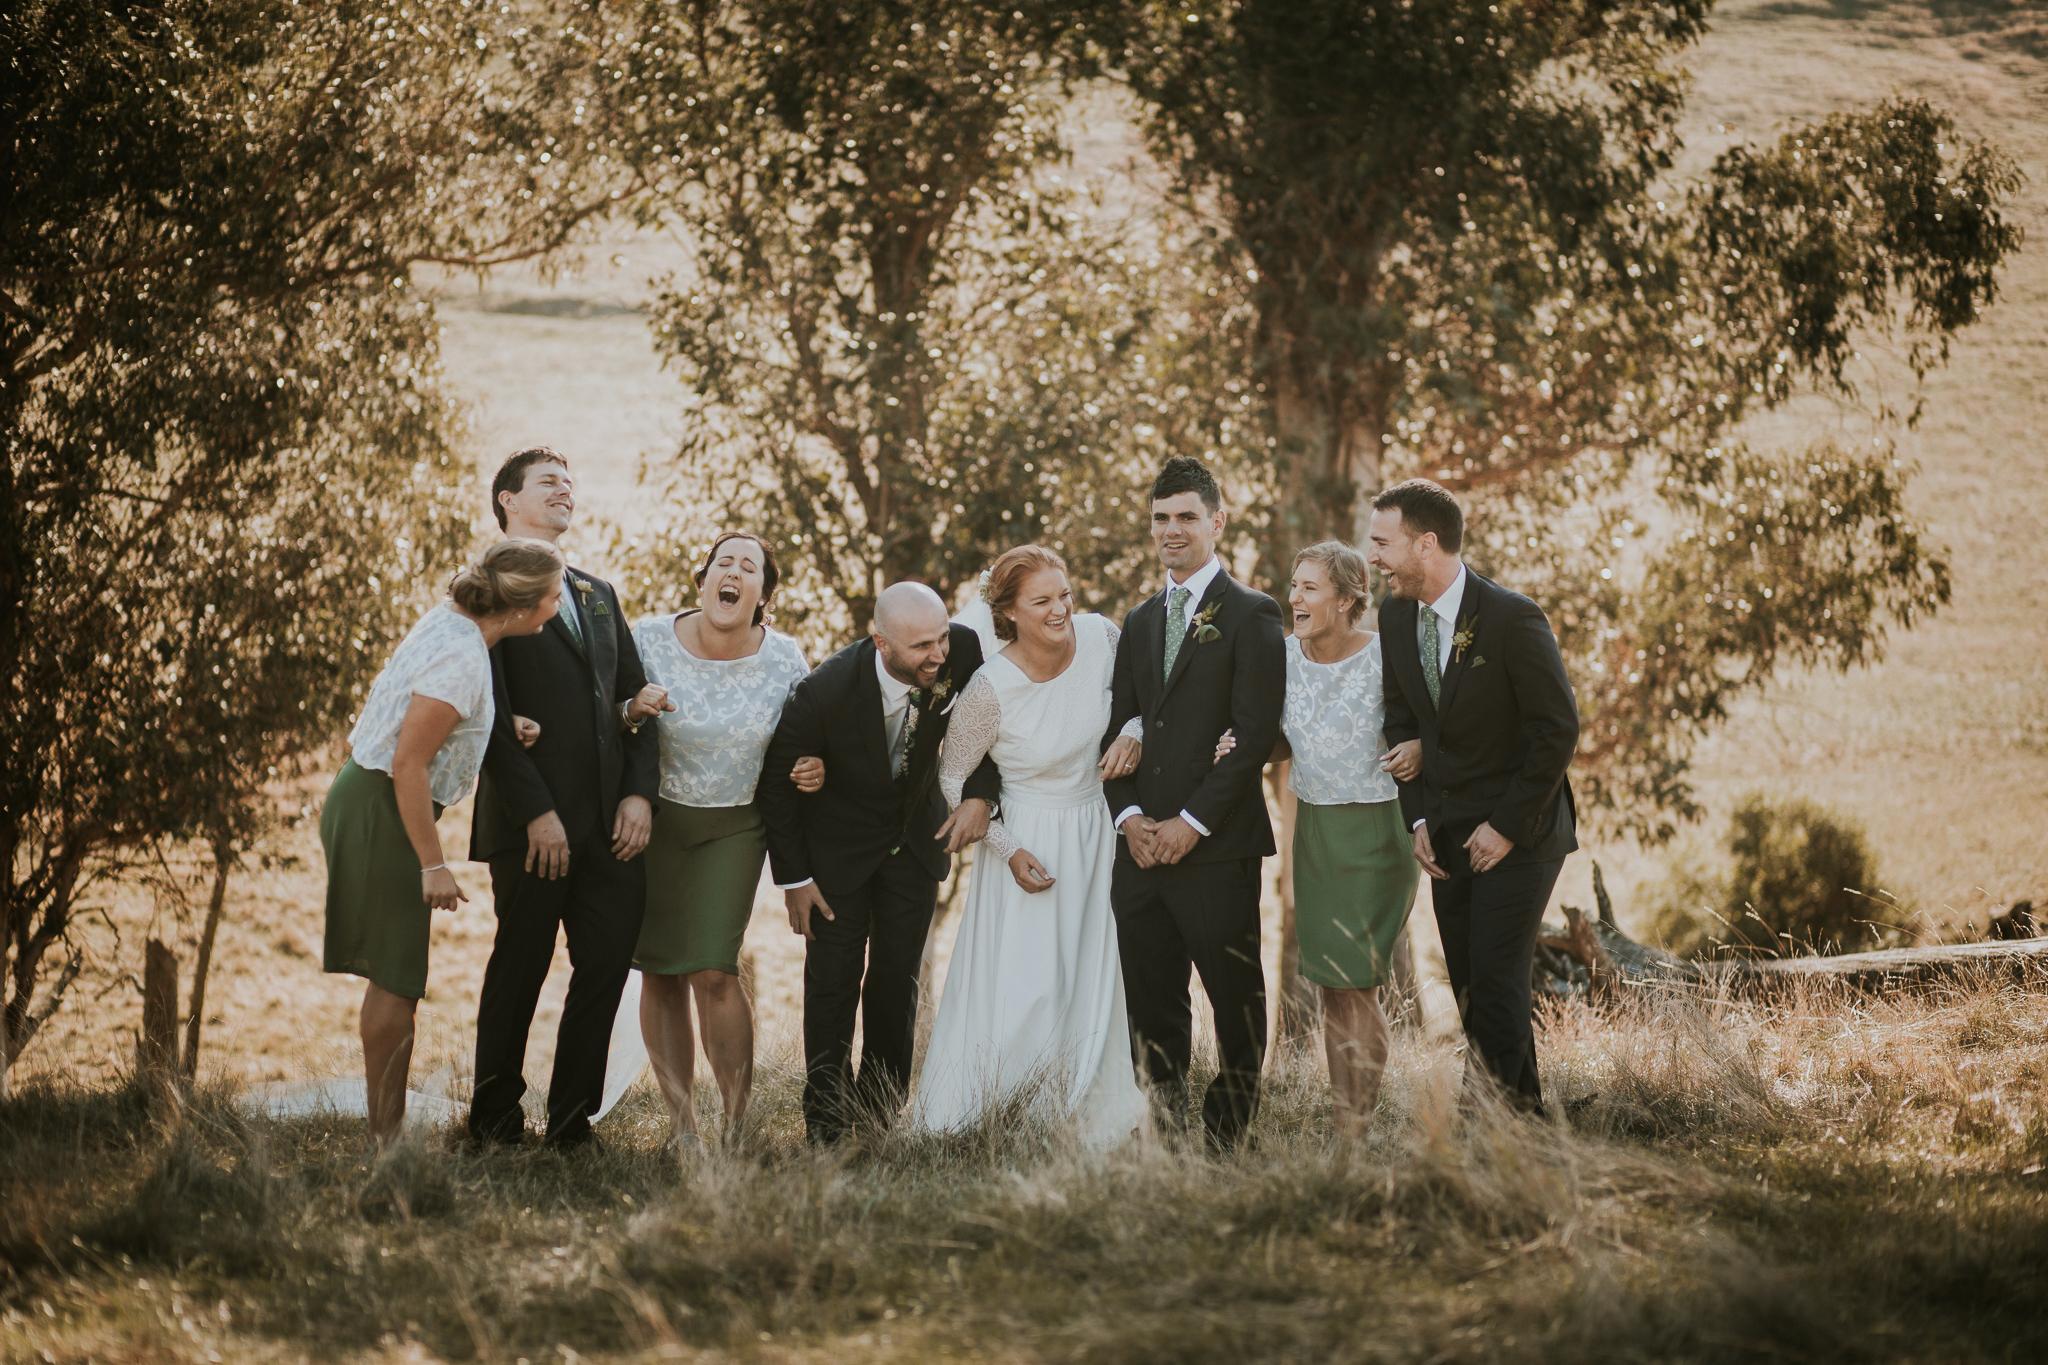 wedding photographer hawkes bay , Lisa Fisher Photography, Selini Winery Wedding -127.jpg